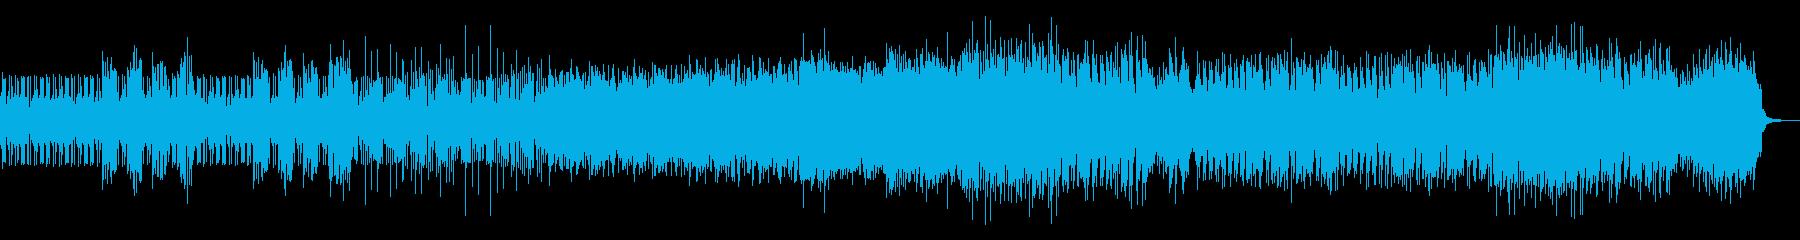 幻想的なピアノ変拍子曲。の再生済みの波形